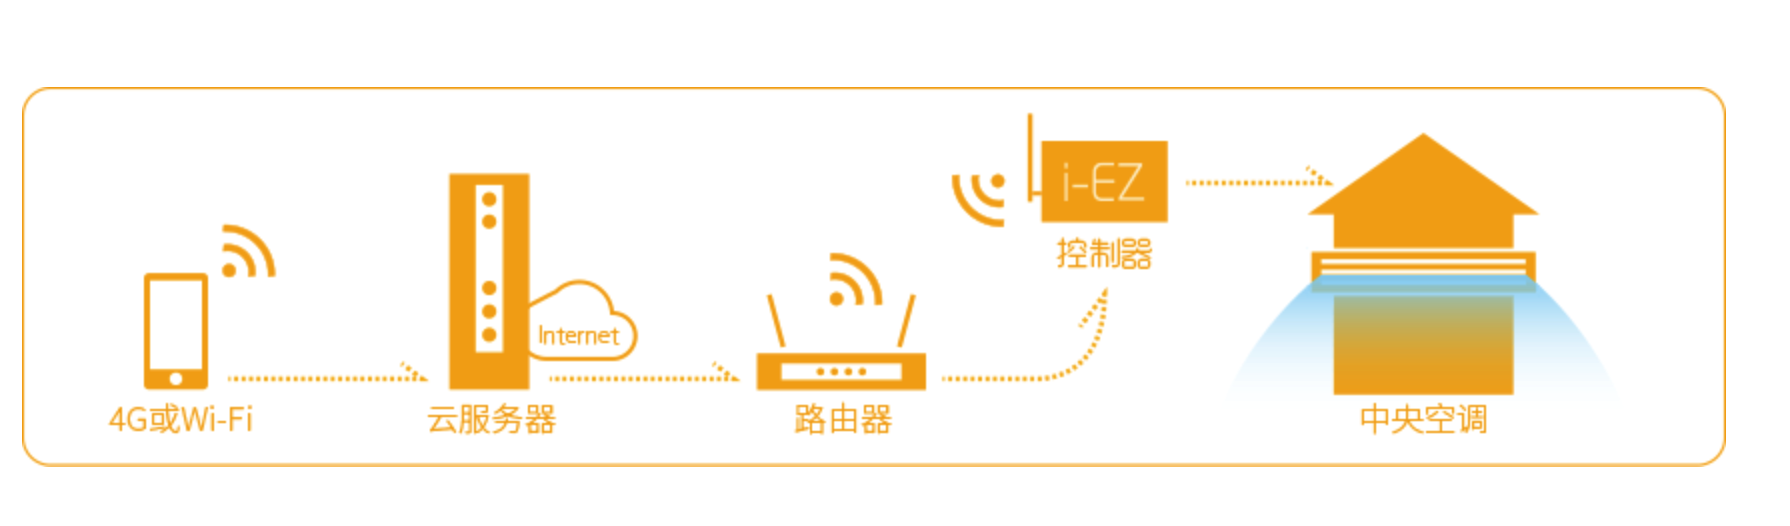 河南变频多联机-空调系统定制找鑫之恒舒适家